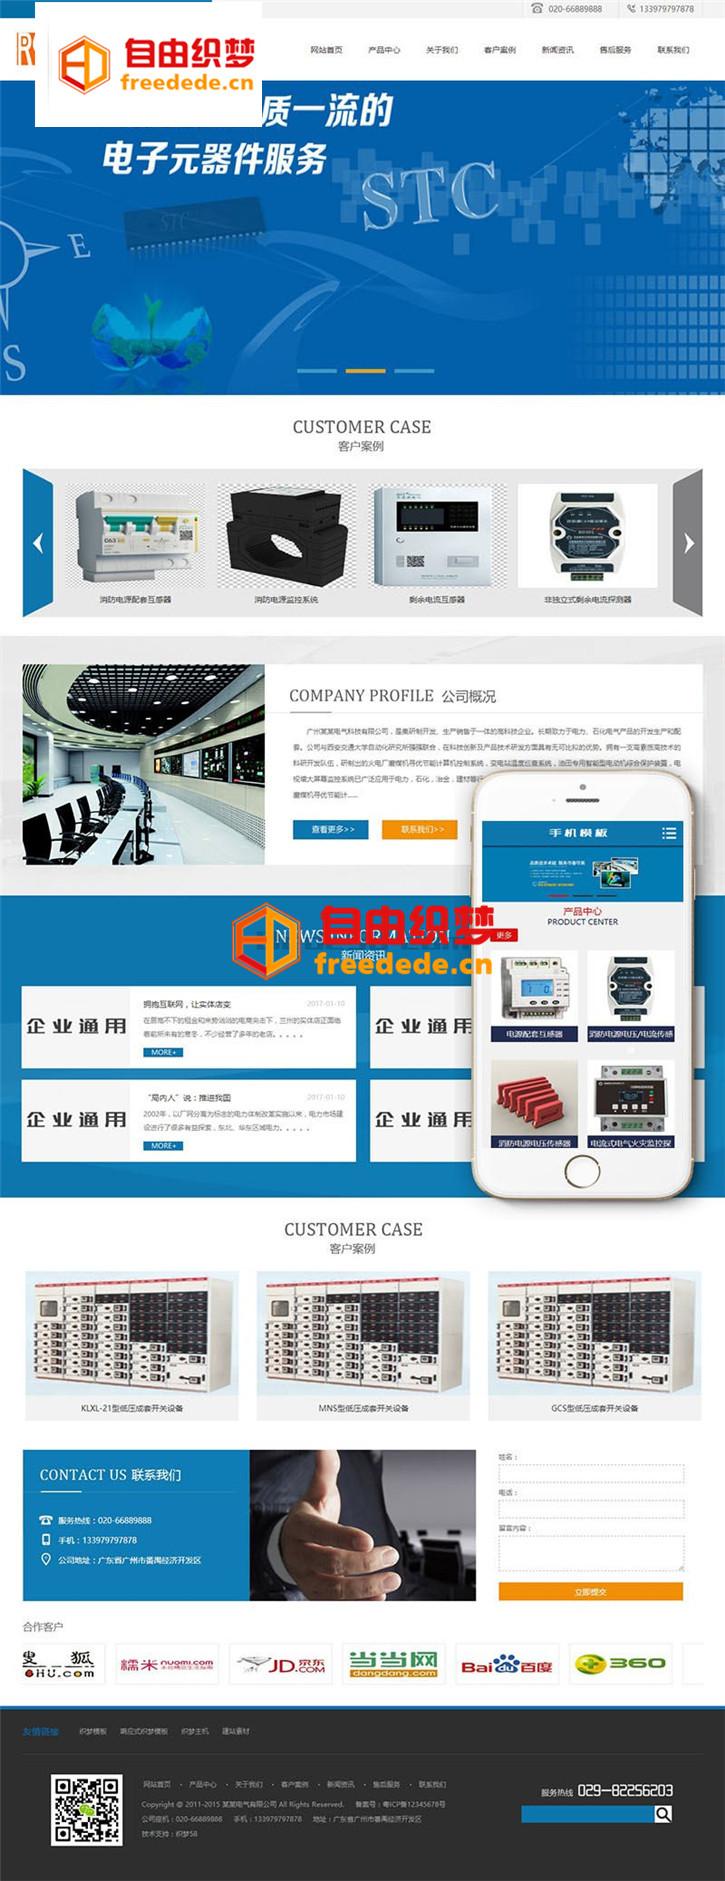 爱上源码网文章营销型电气设备科技类网站织梦dedecms模板(带手机端)整站源码下载的内容插图